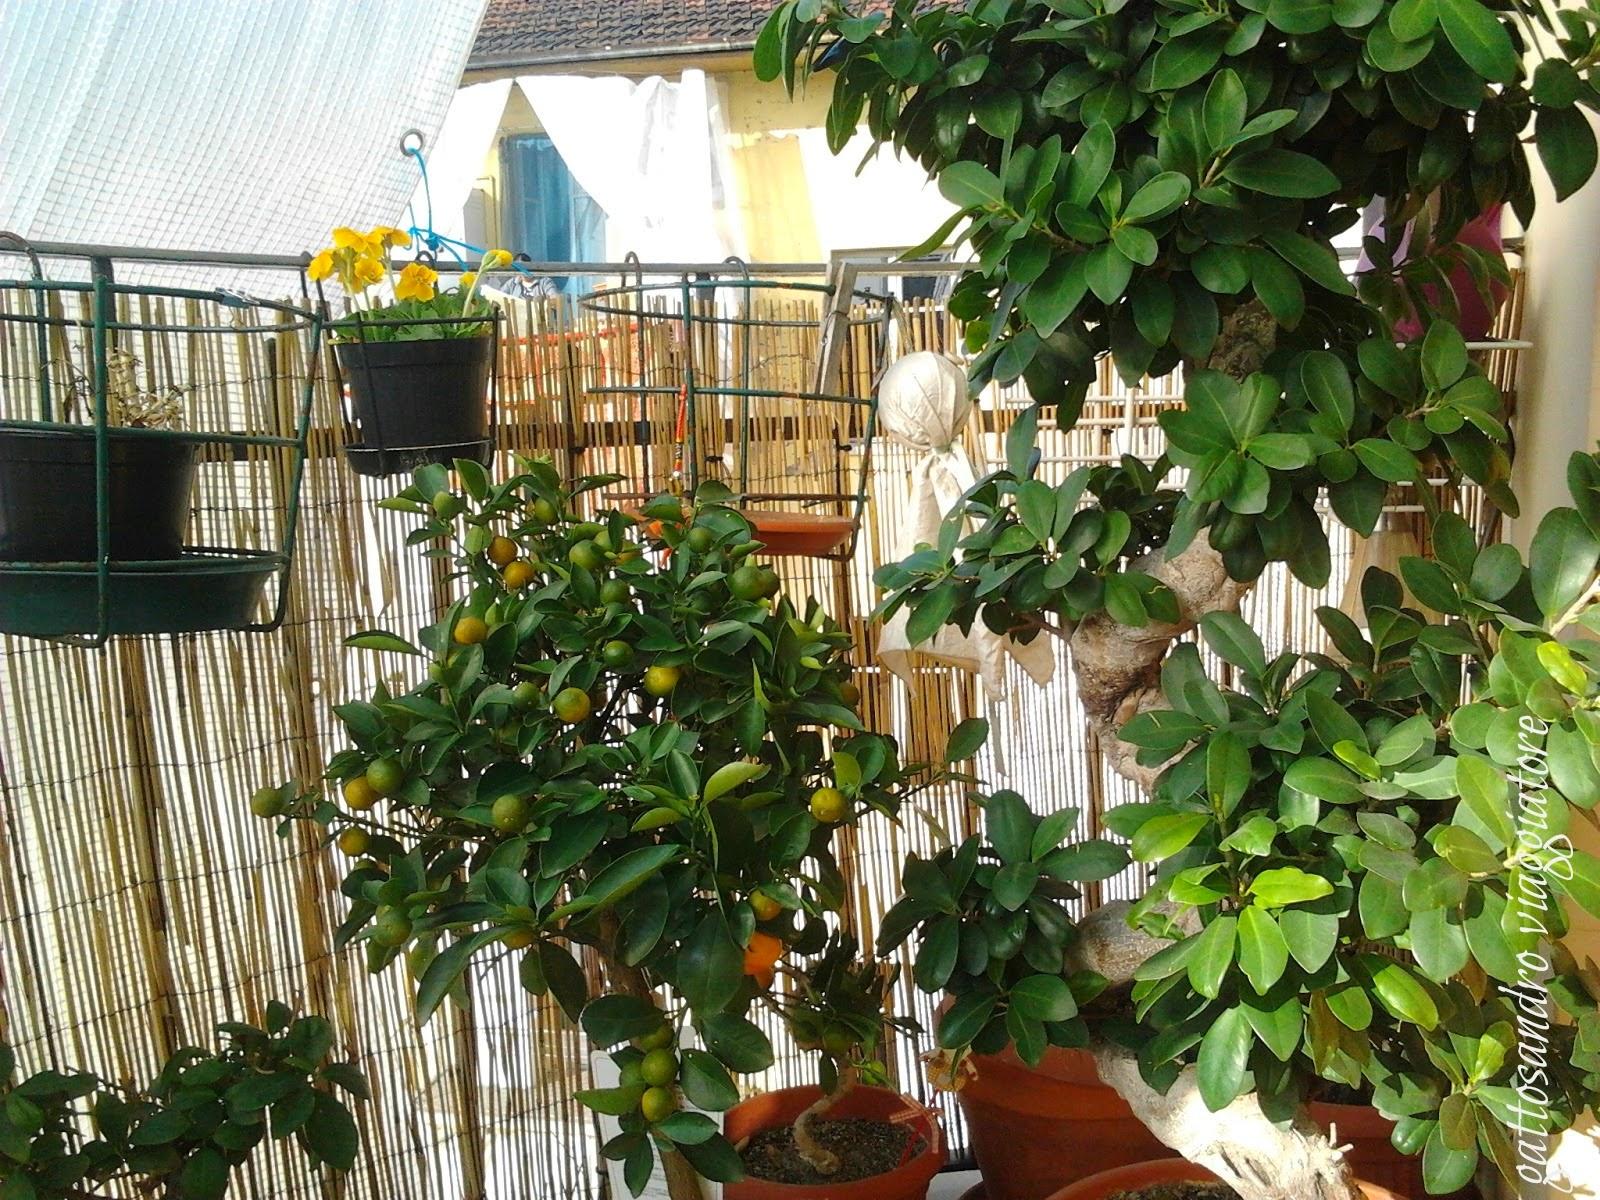 Ortensie Sul Balcone : Gattosandro viaggiatore travel la primavera sul